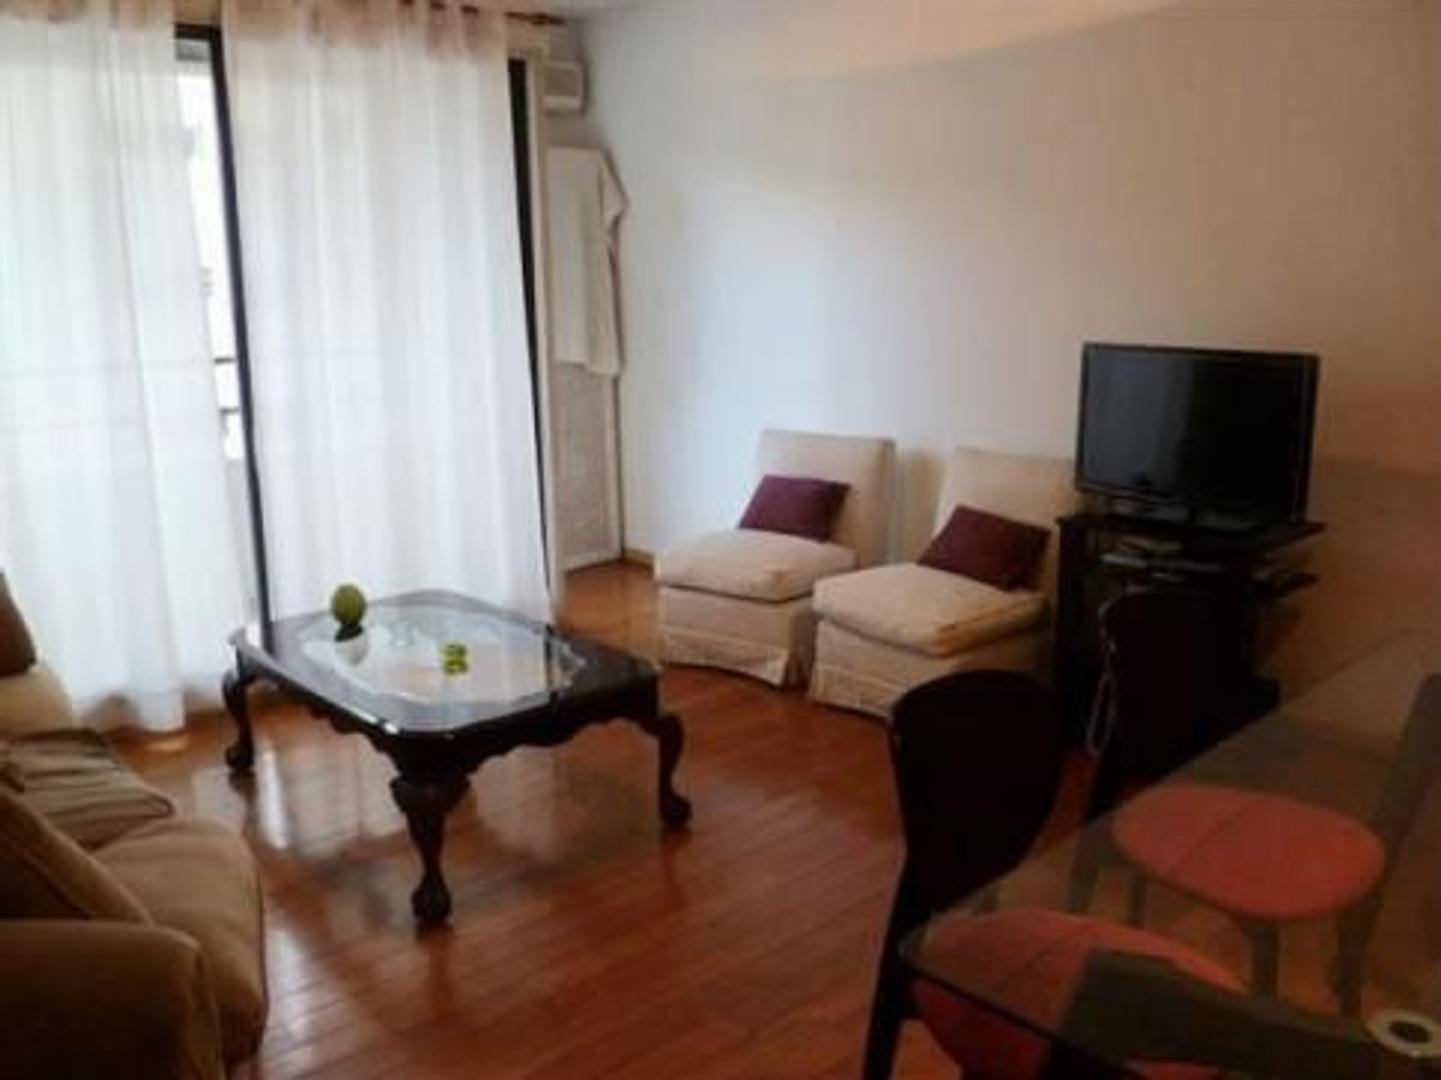 Departamento - Alquiler temporario - Argentina, Buenos Aires - Riobamba   AL 900